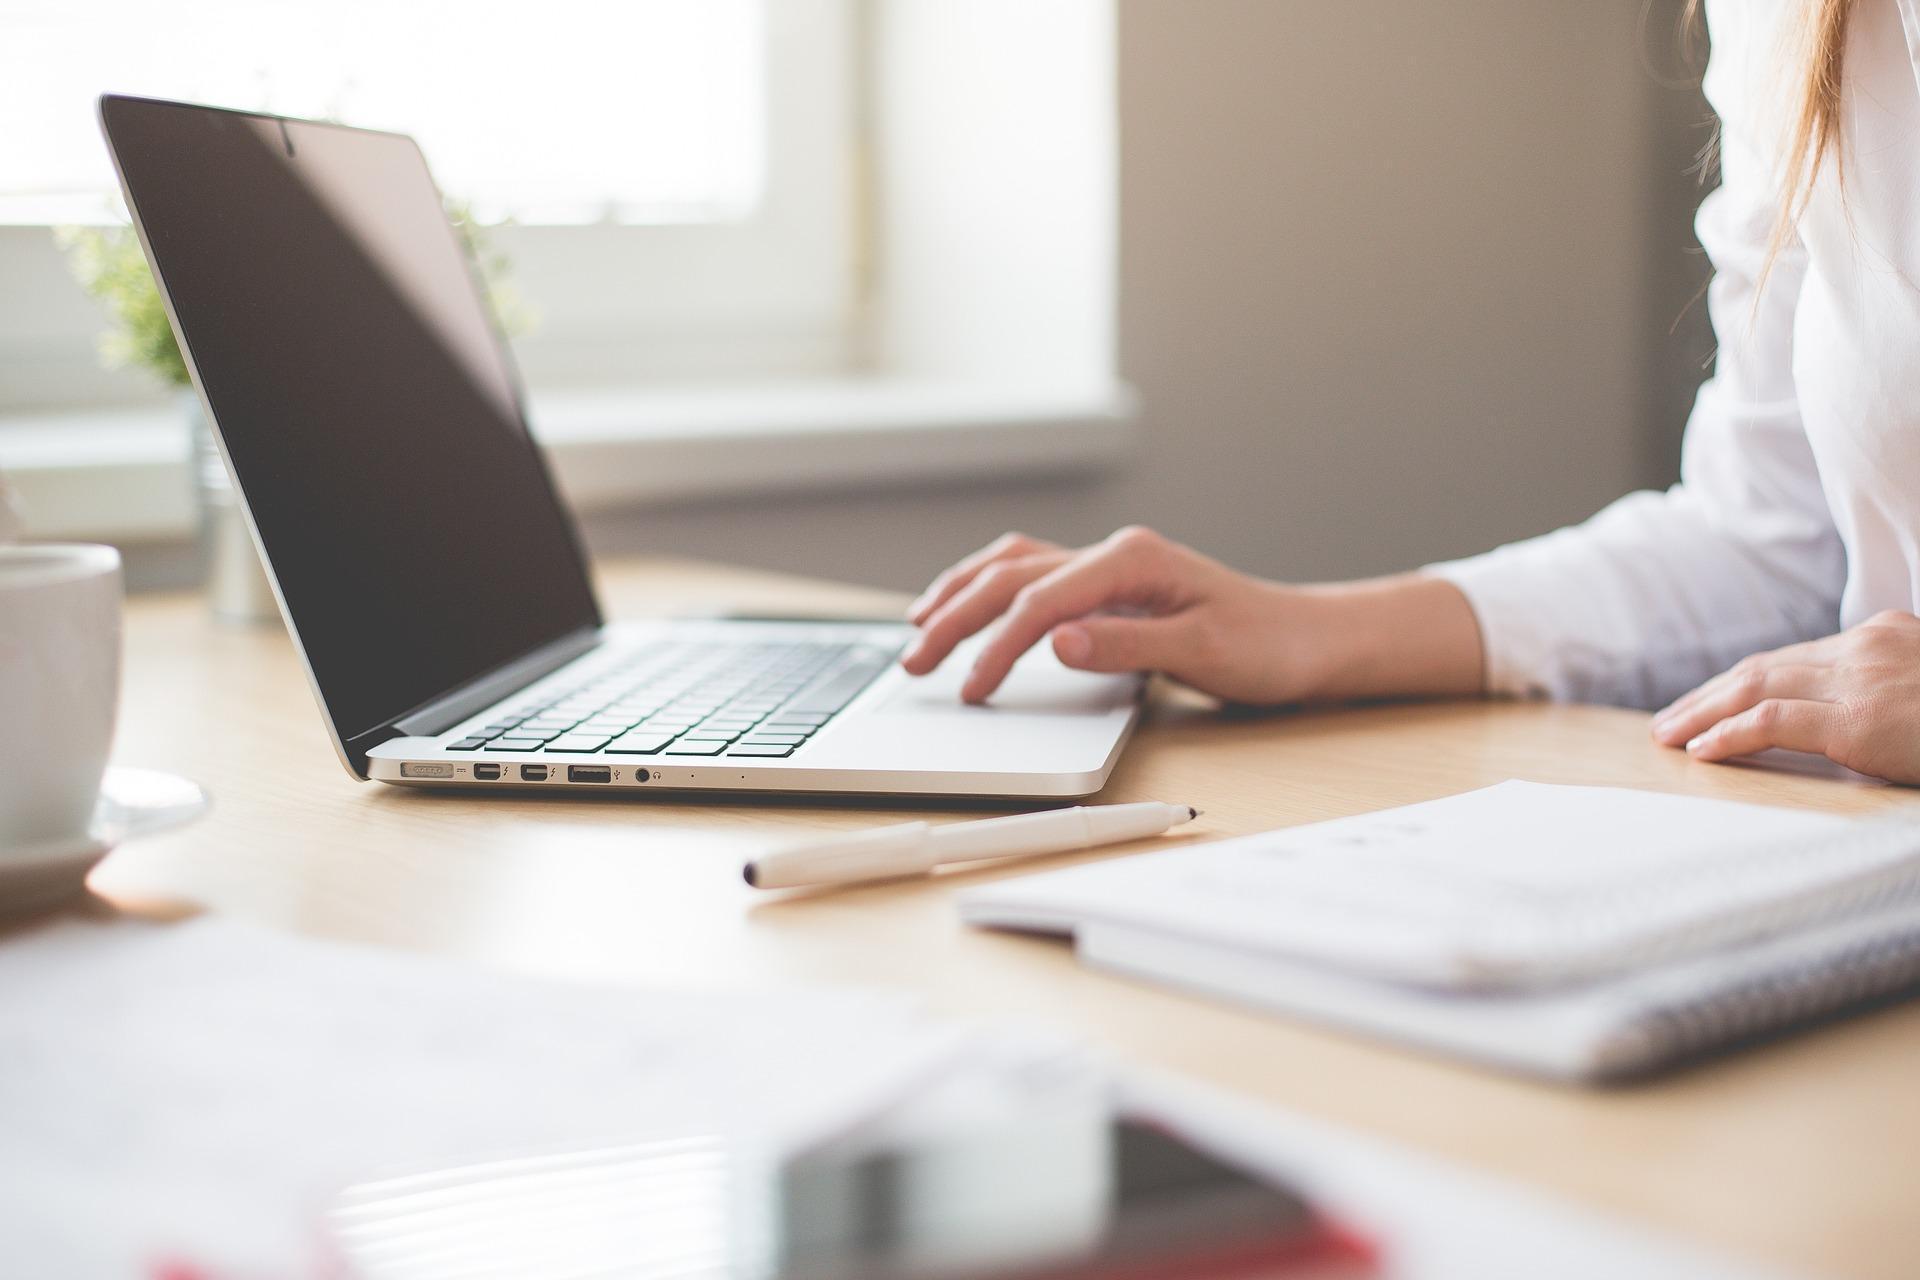 Gesetzlicher Mindestlohn – und die Nähprämie